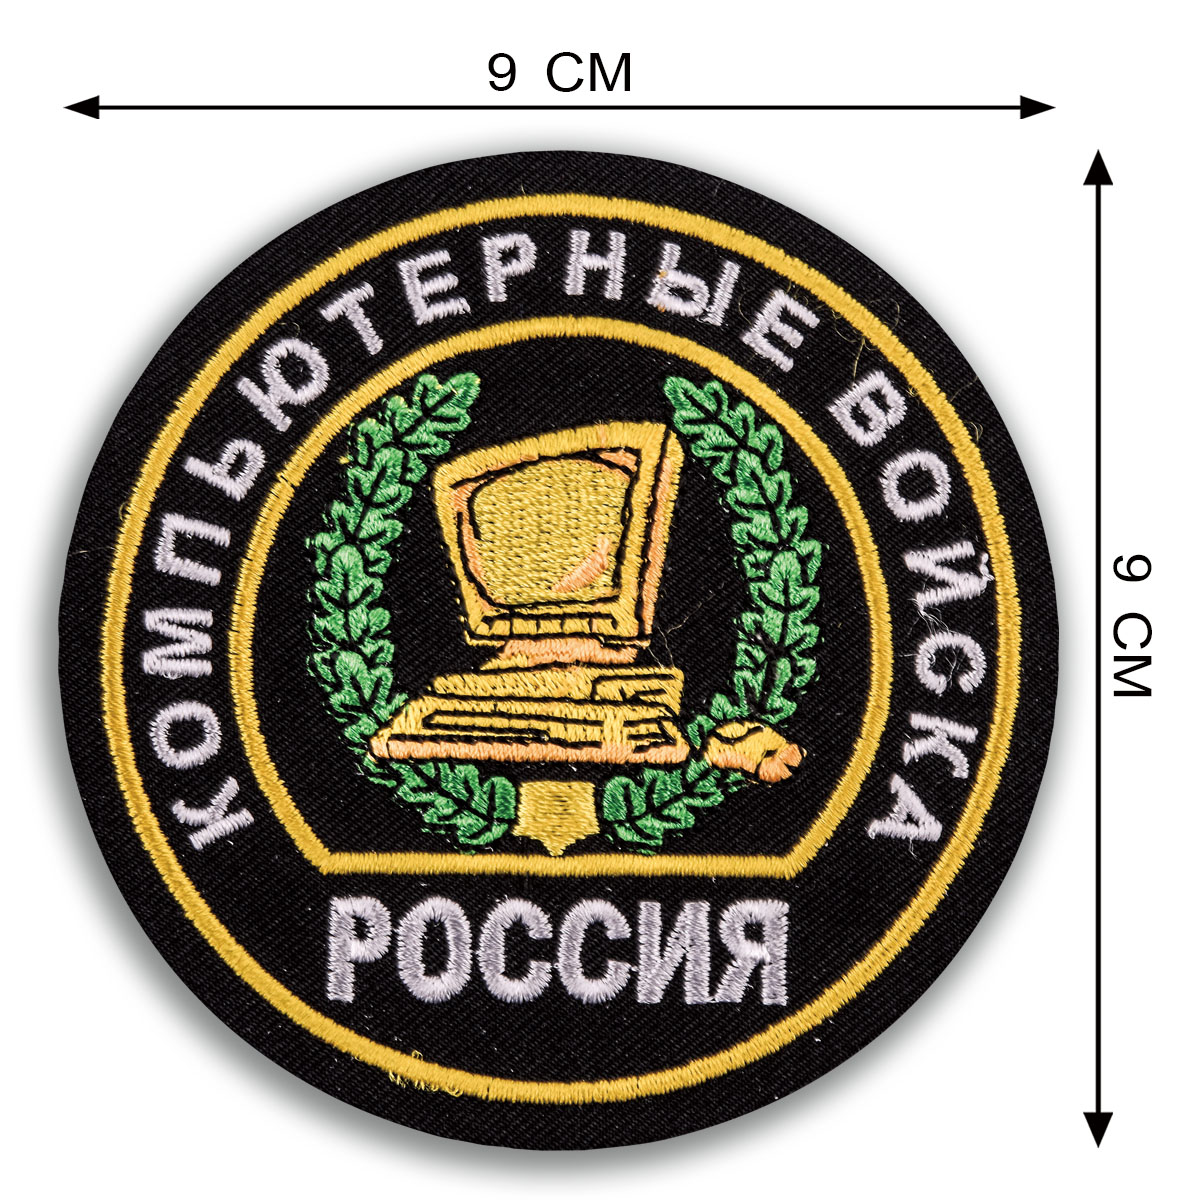 Уникальная толстовка Компьютерные Войска России.